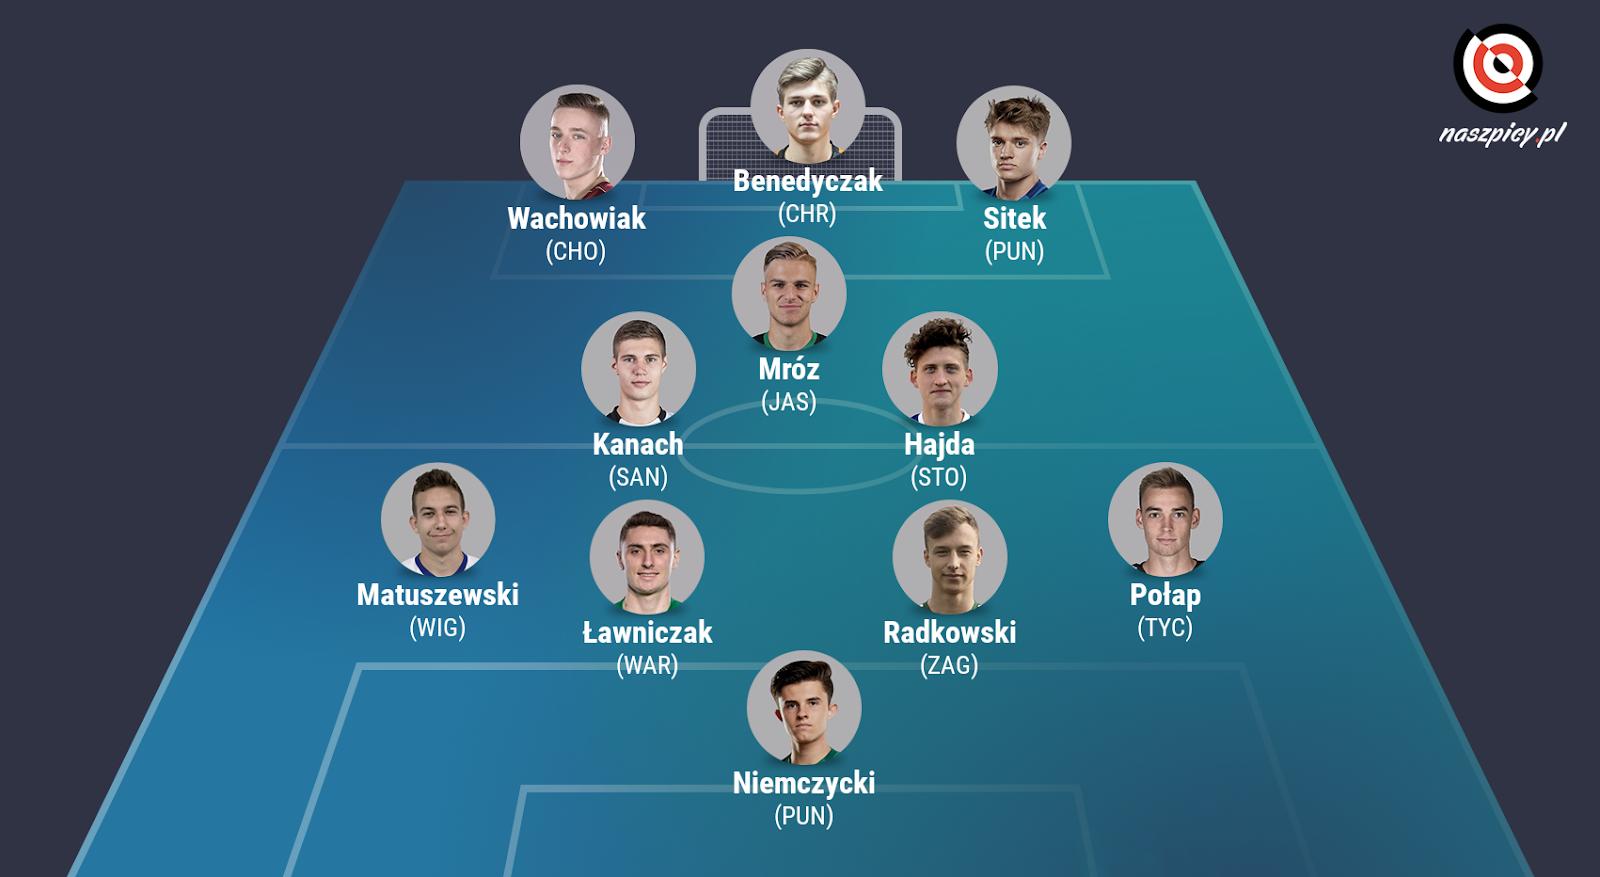 Młodzieżowa jedenastka sezonu Fortuna 1 Ligi 2019/20 wg naszpicy.pl<br><br>graf. Bartosz Urban